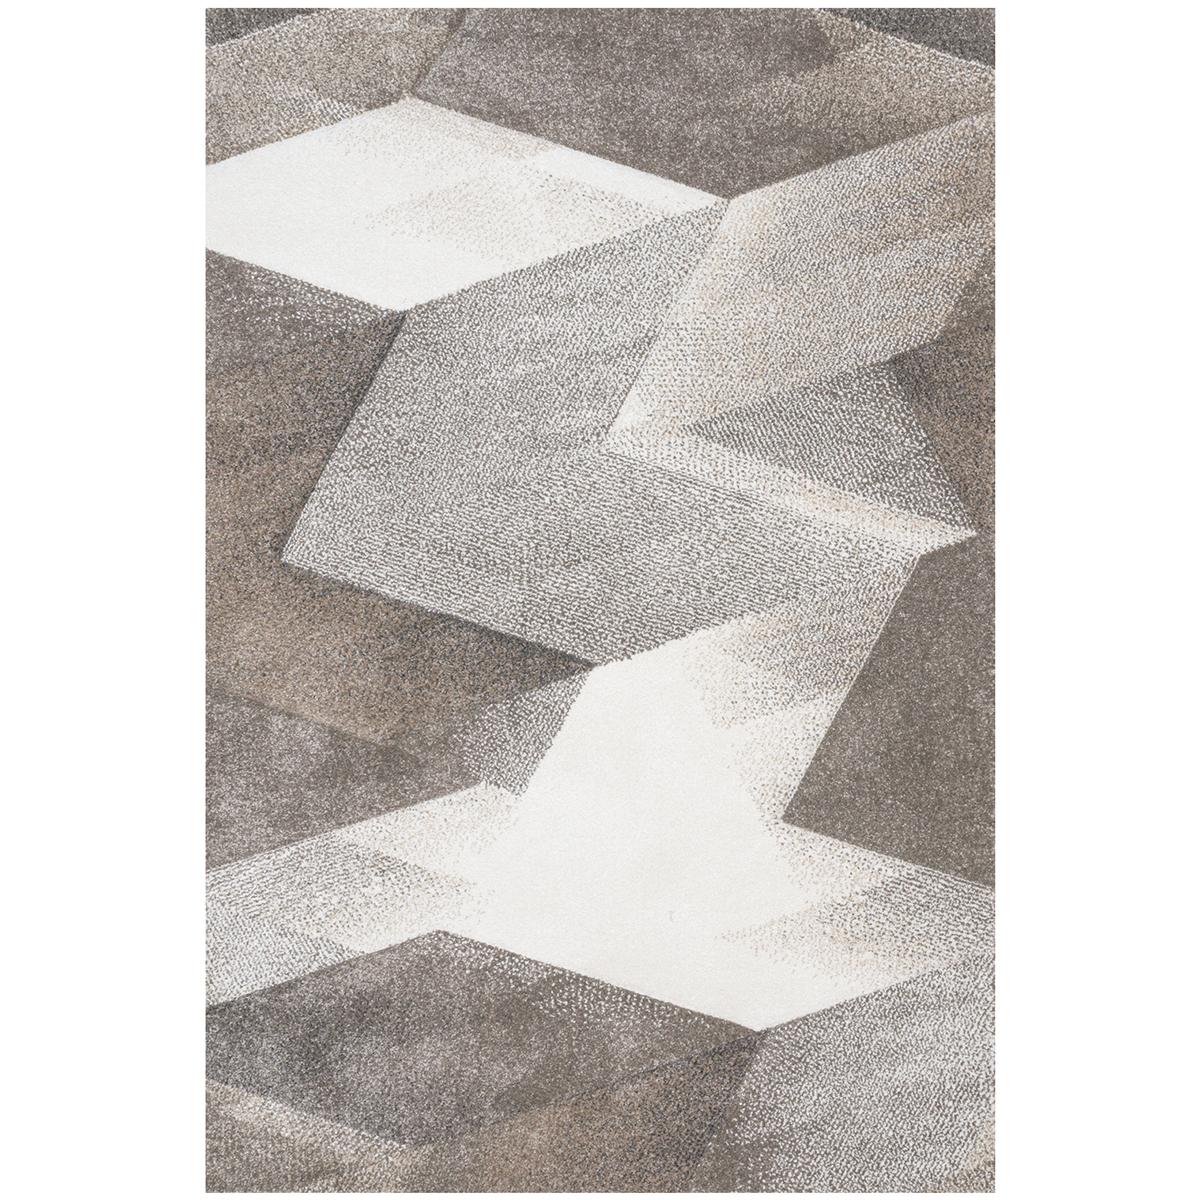 Килим Вегас хоум геометрични фигури беж